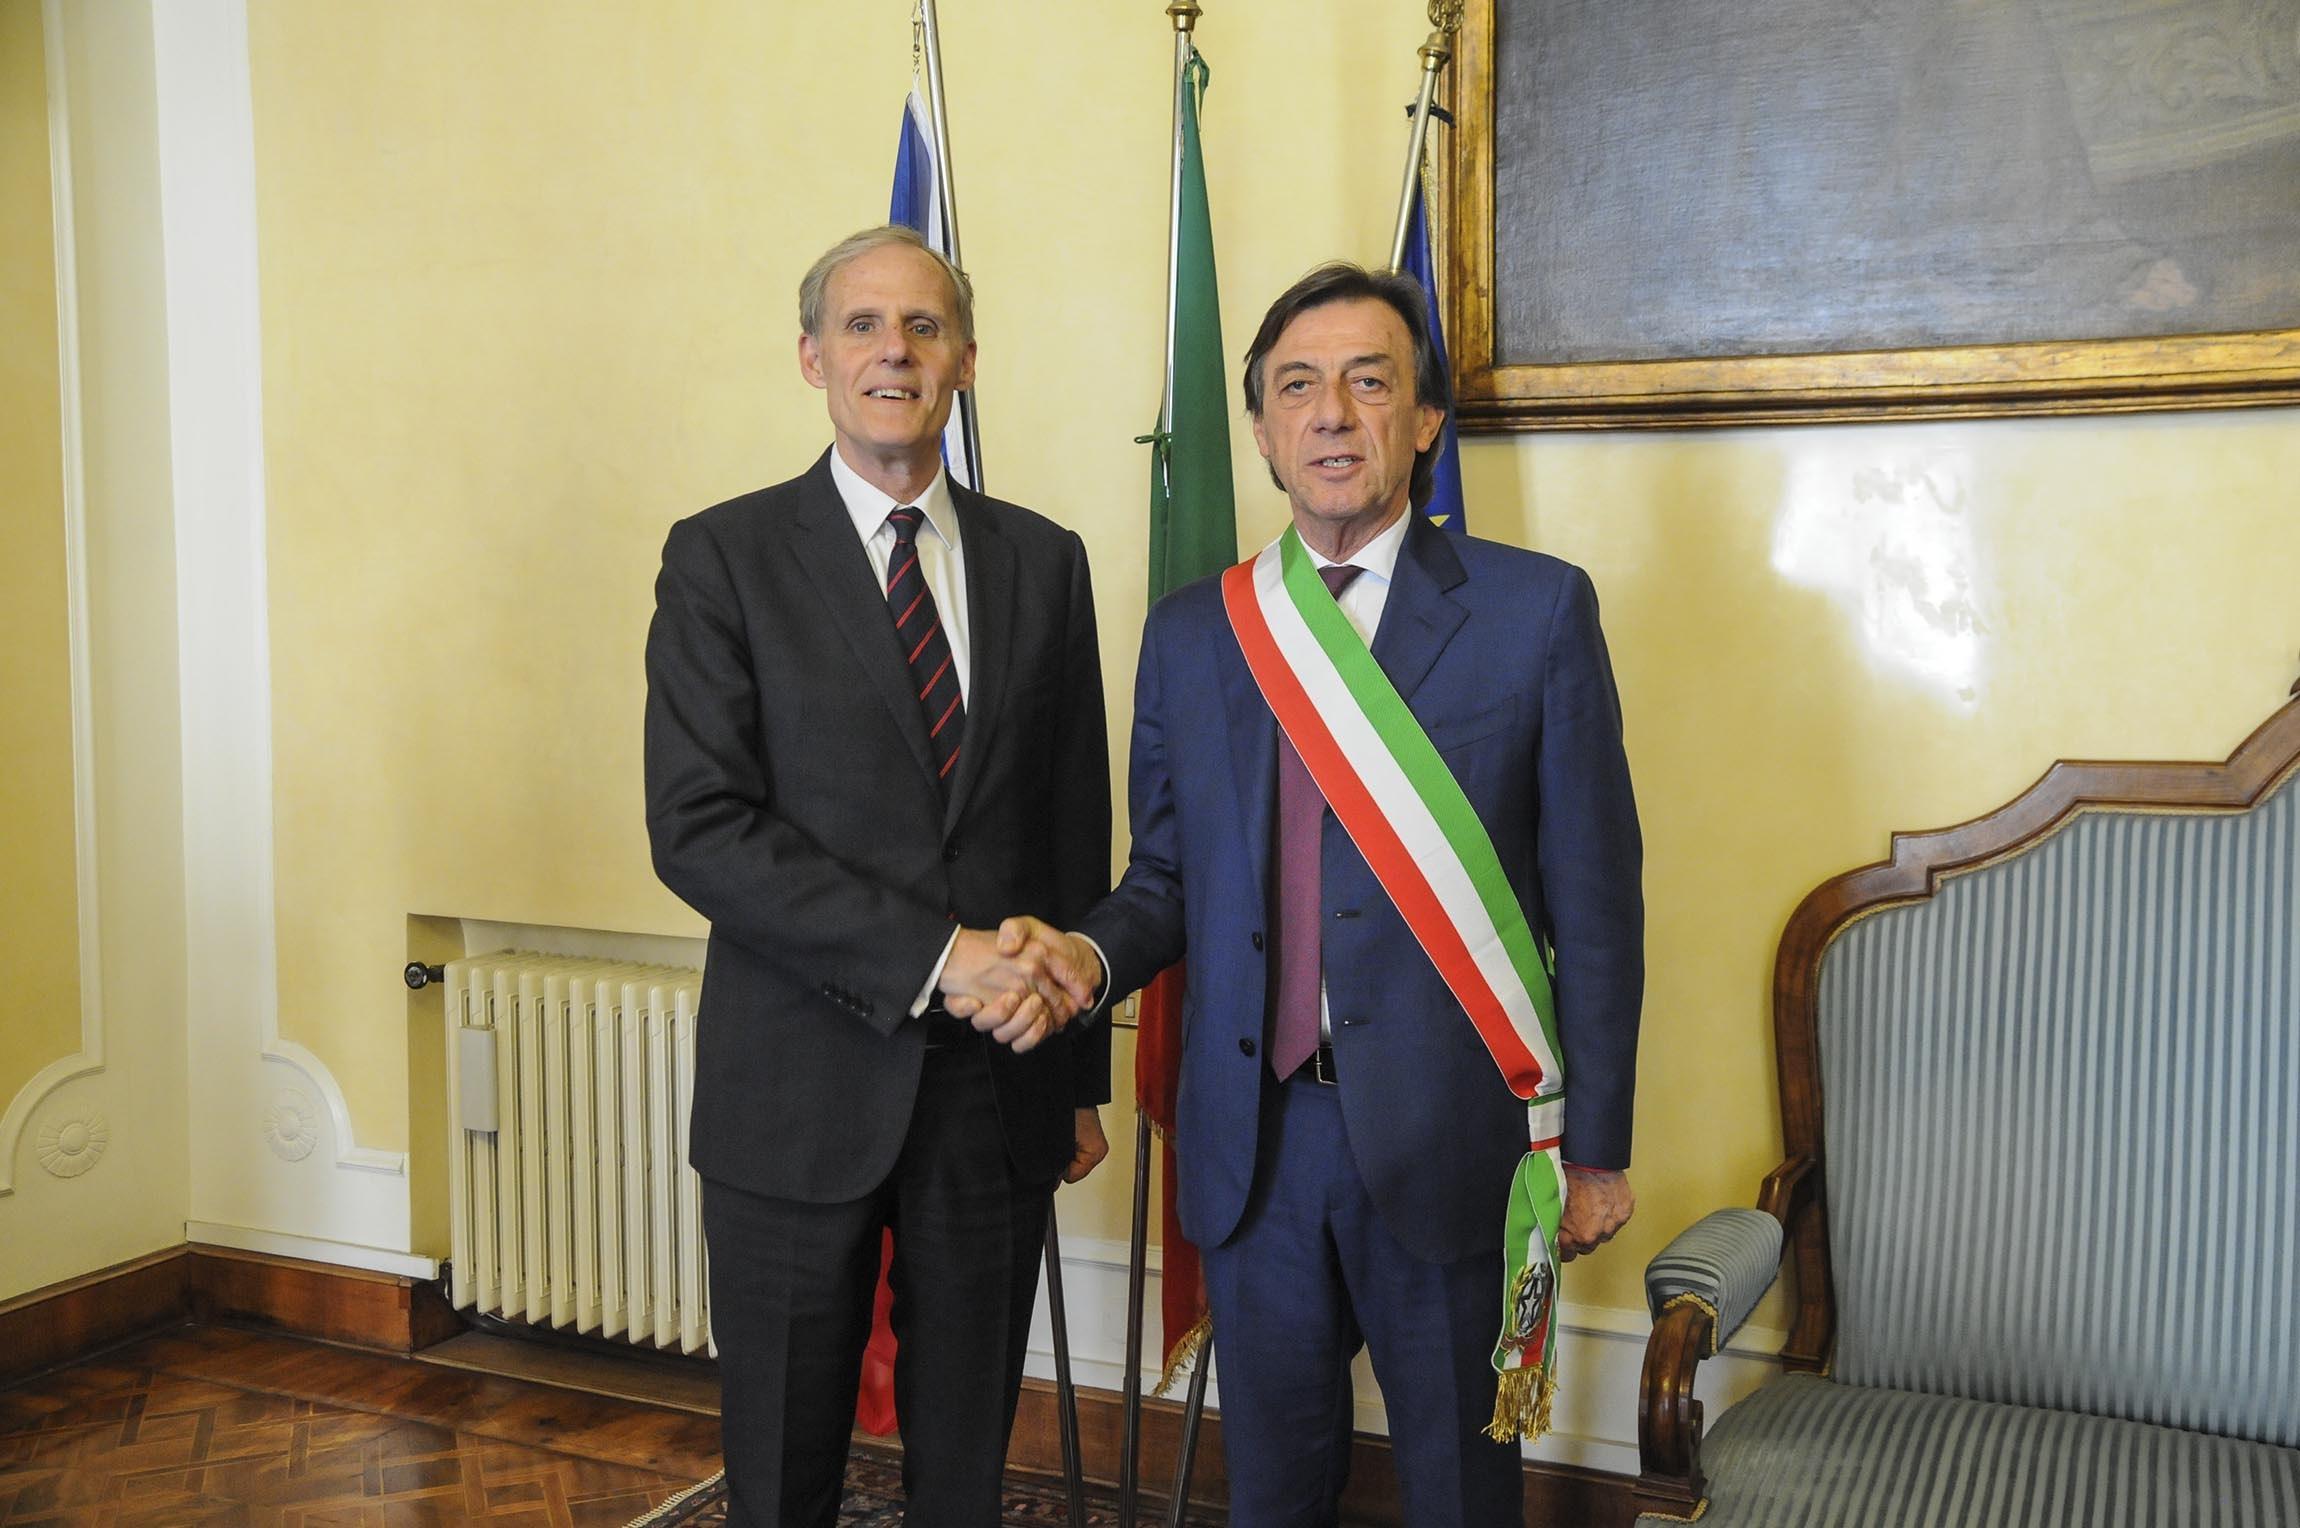 sindaco e ambasciatore di francia